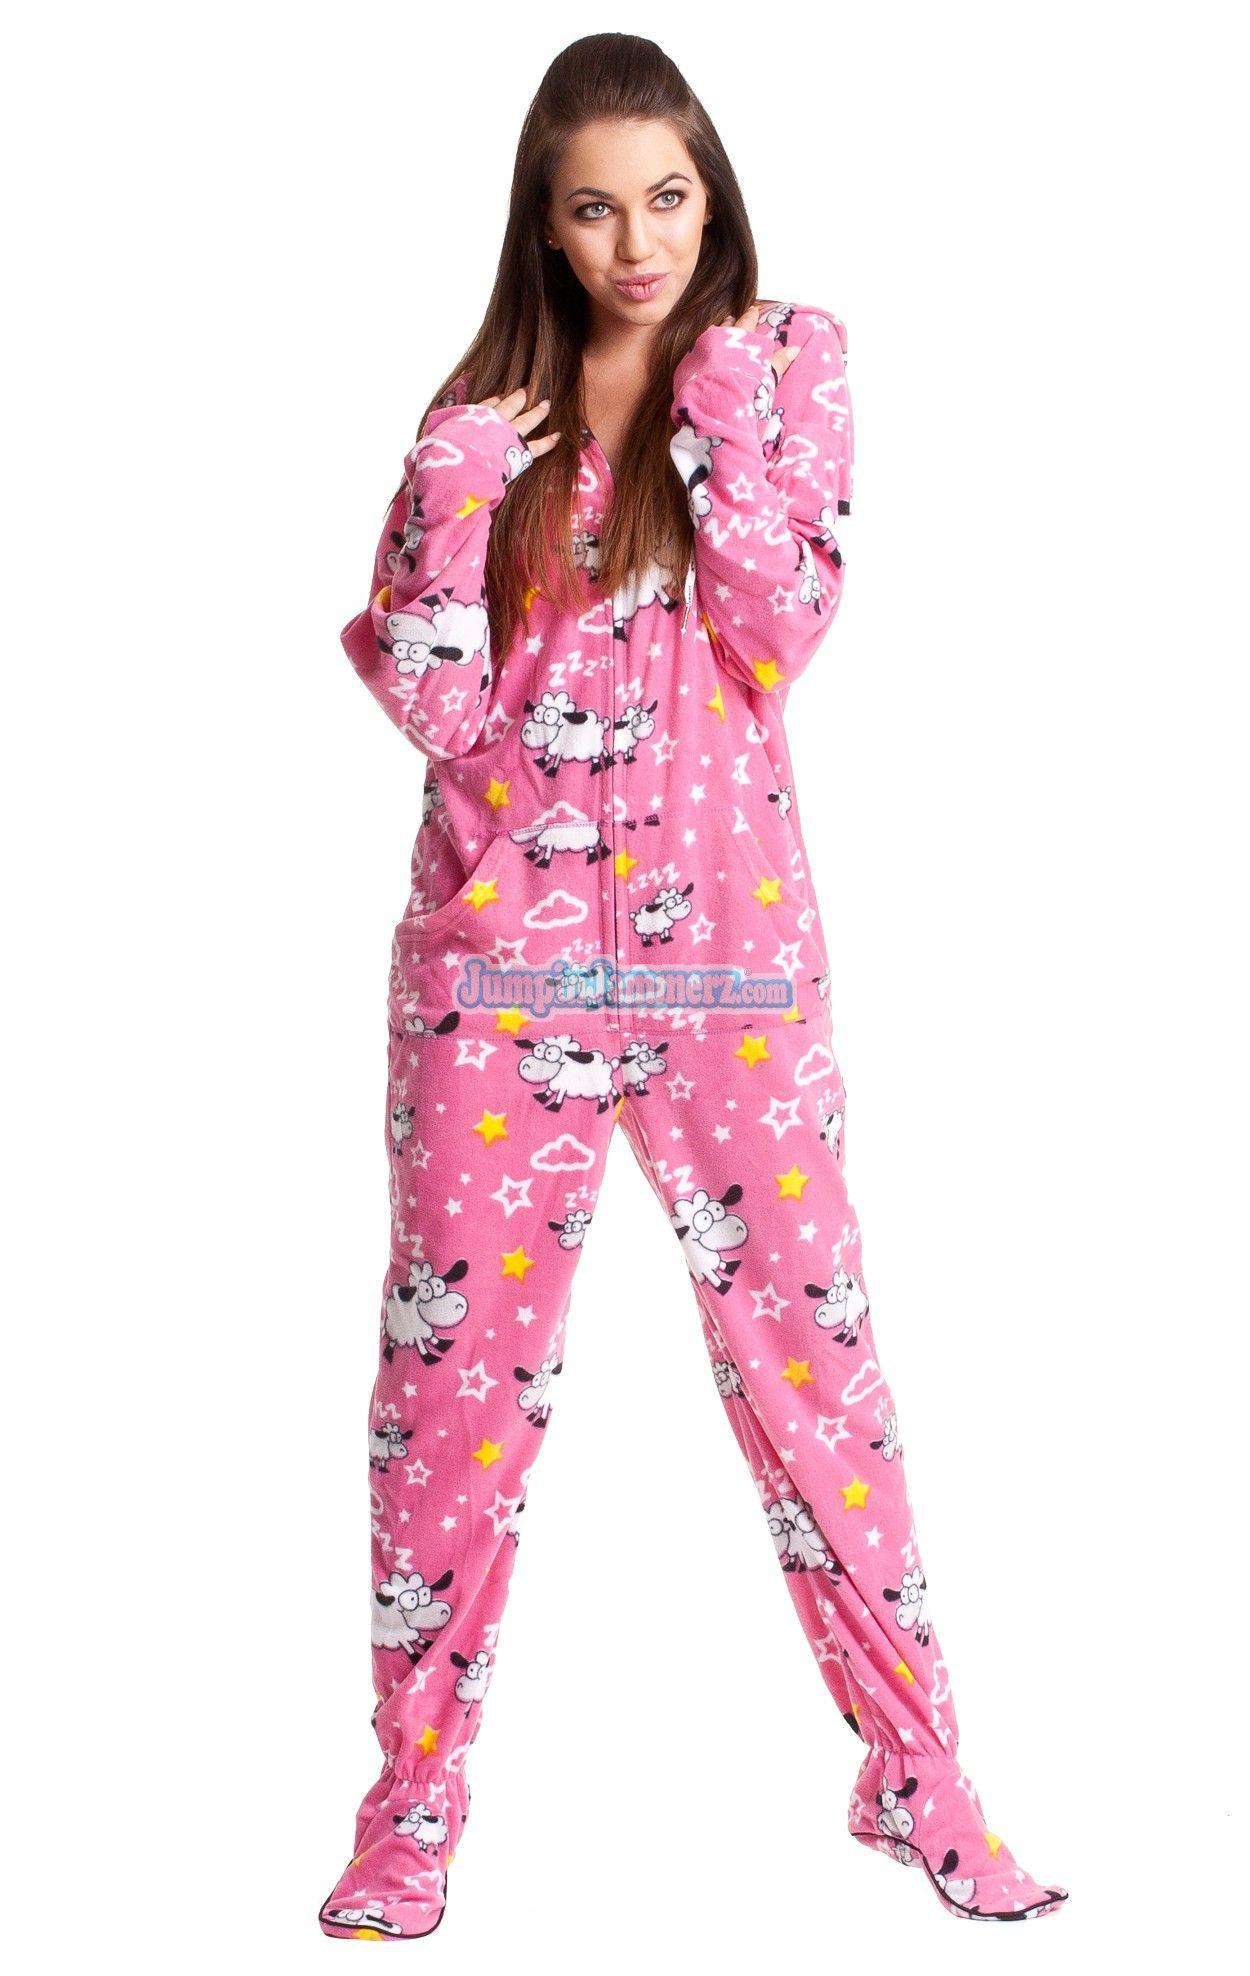 Adult Onesie Footed Pajamas